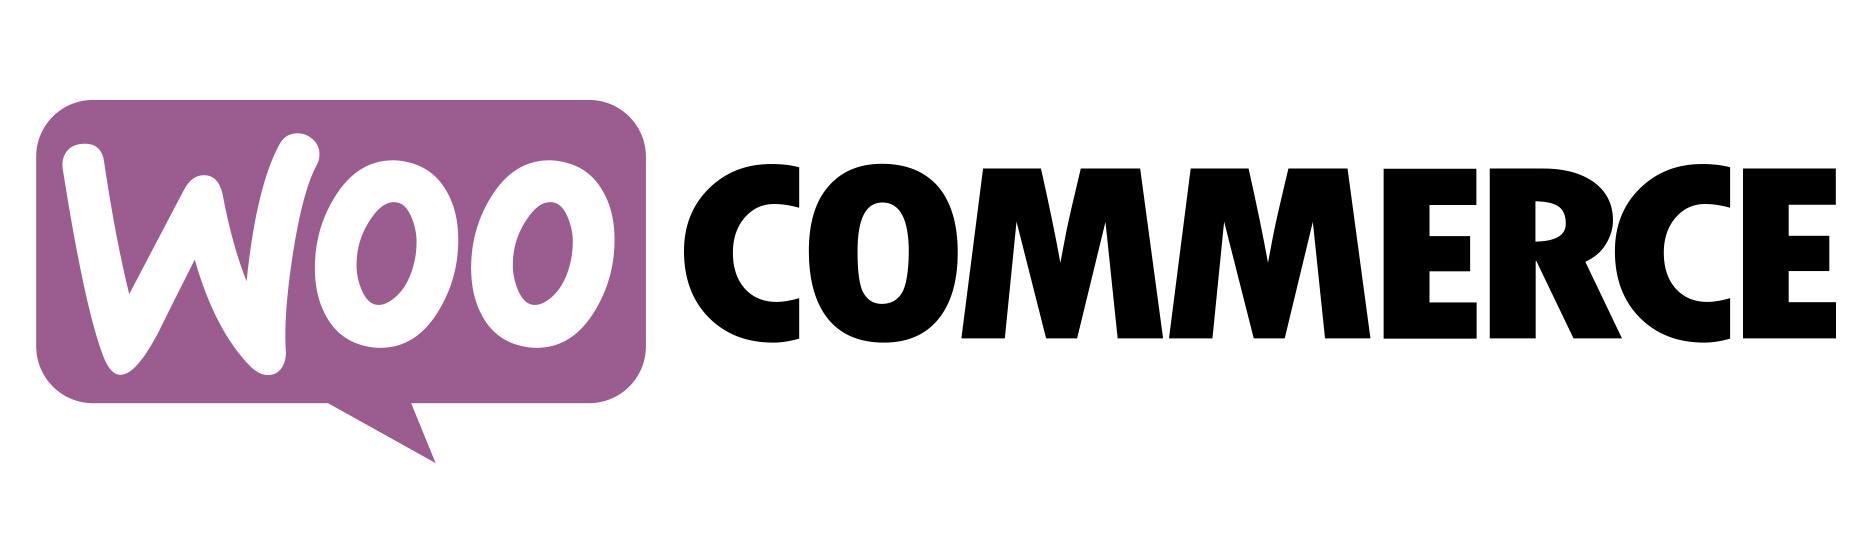 Innerhalb eines einzigen Jahres ist die Nutzerzahl von wooCommerce um 452 % gestiegen.